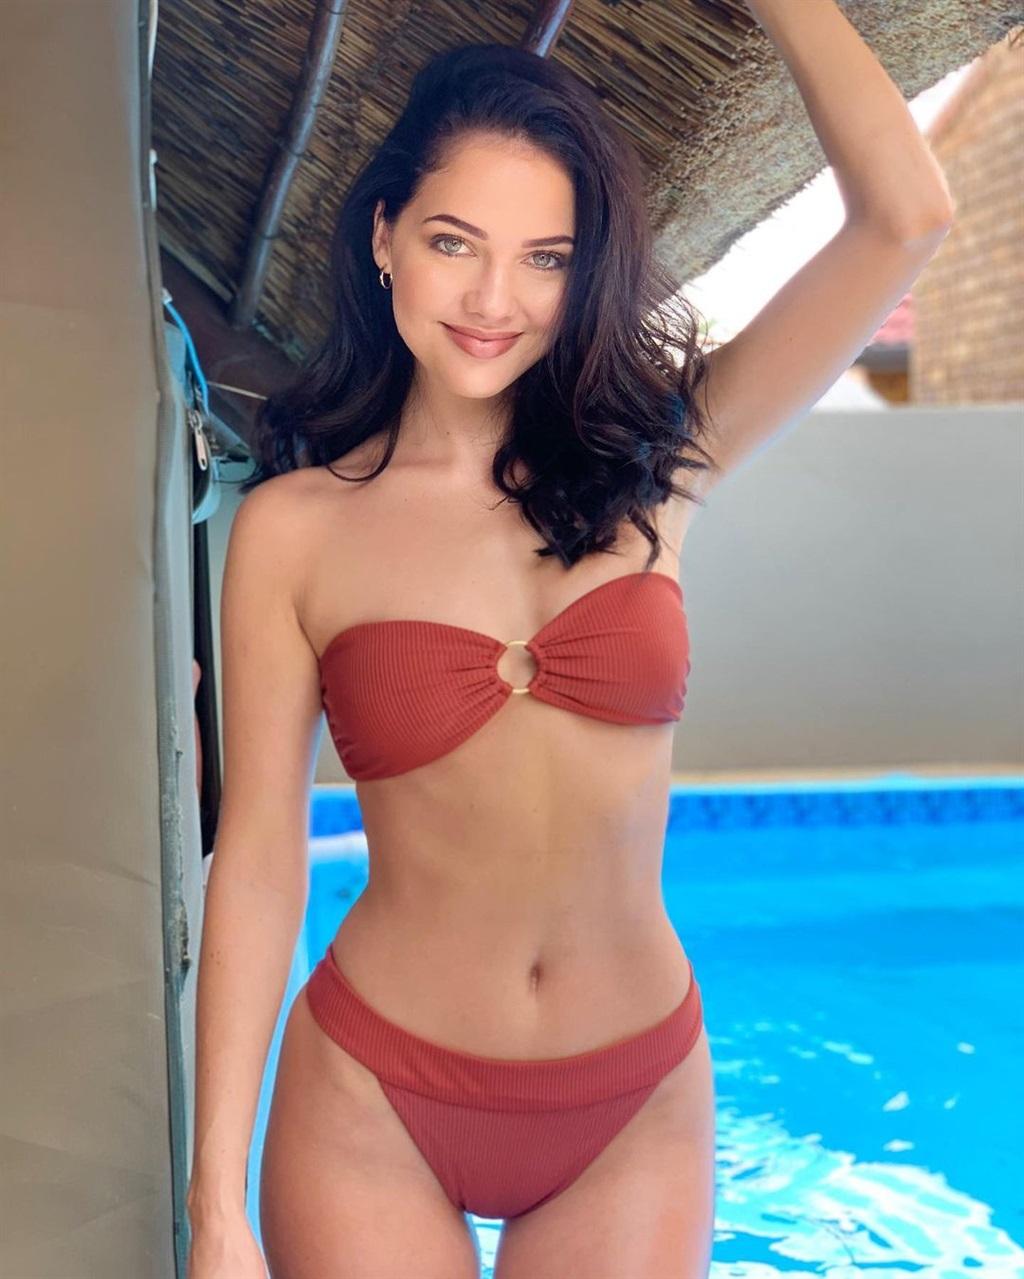 natasha joubert,mej.heelel,bikini